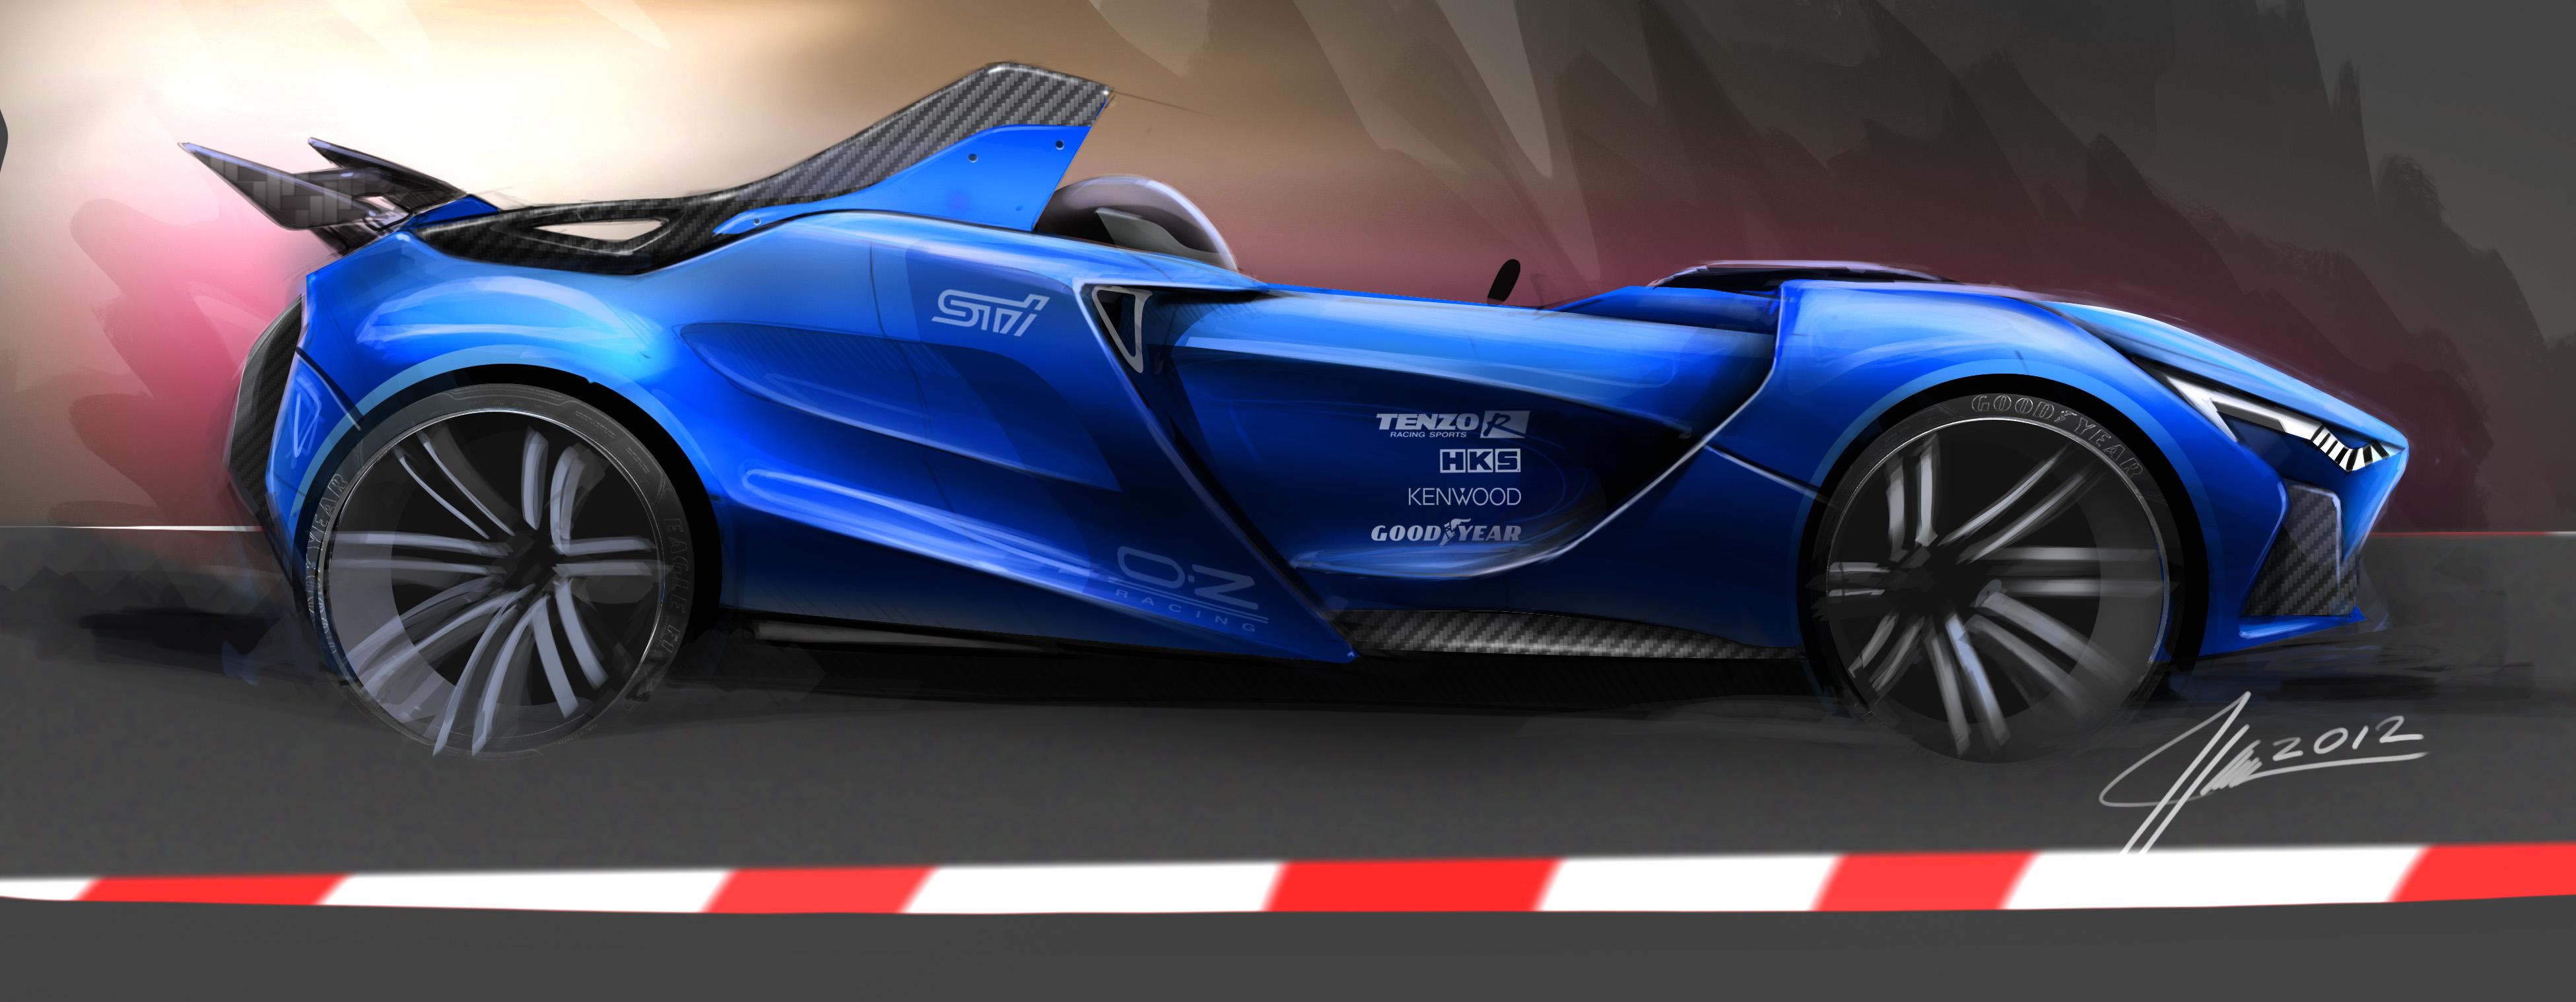 Concept Race Car Side View Facebook Kique Designs